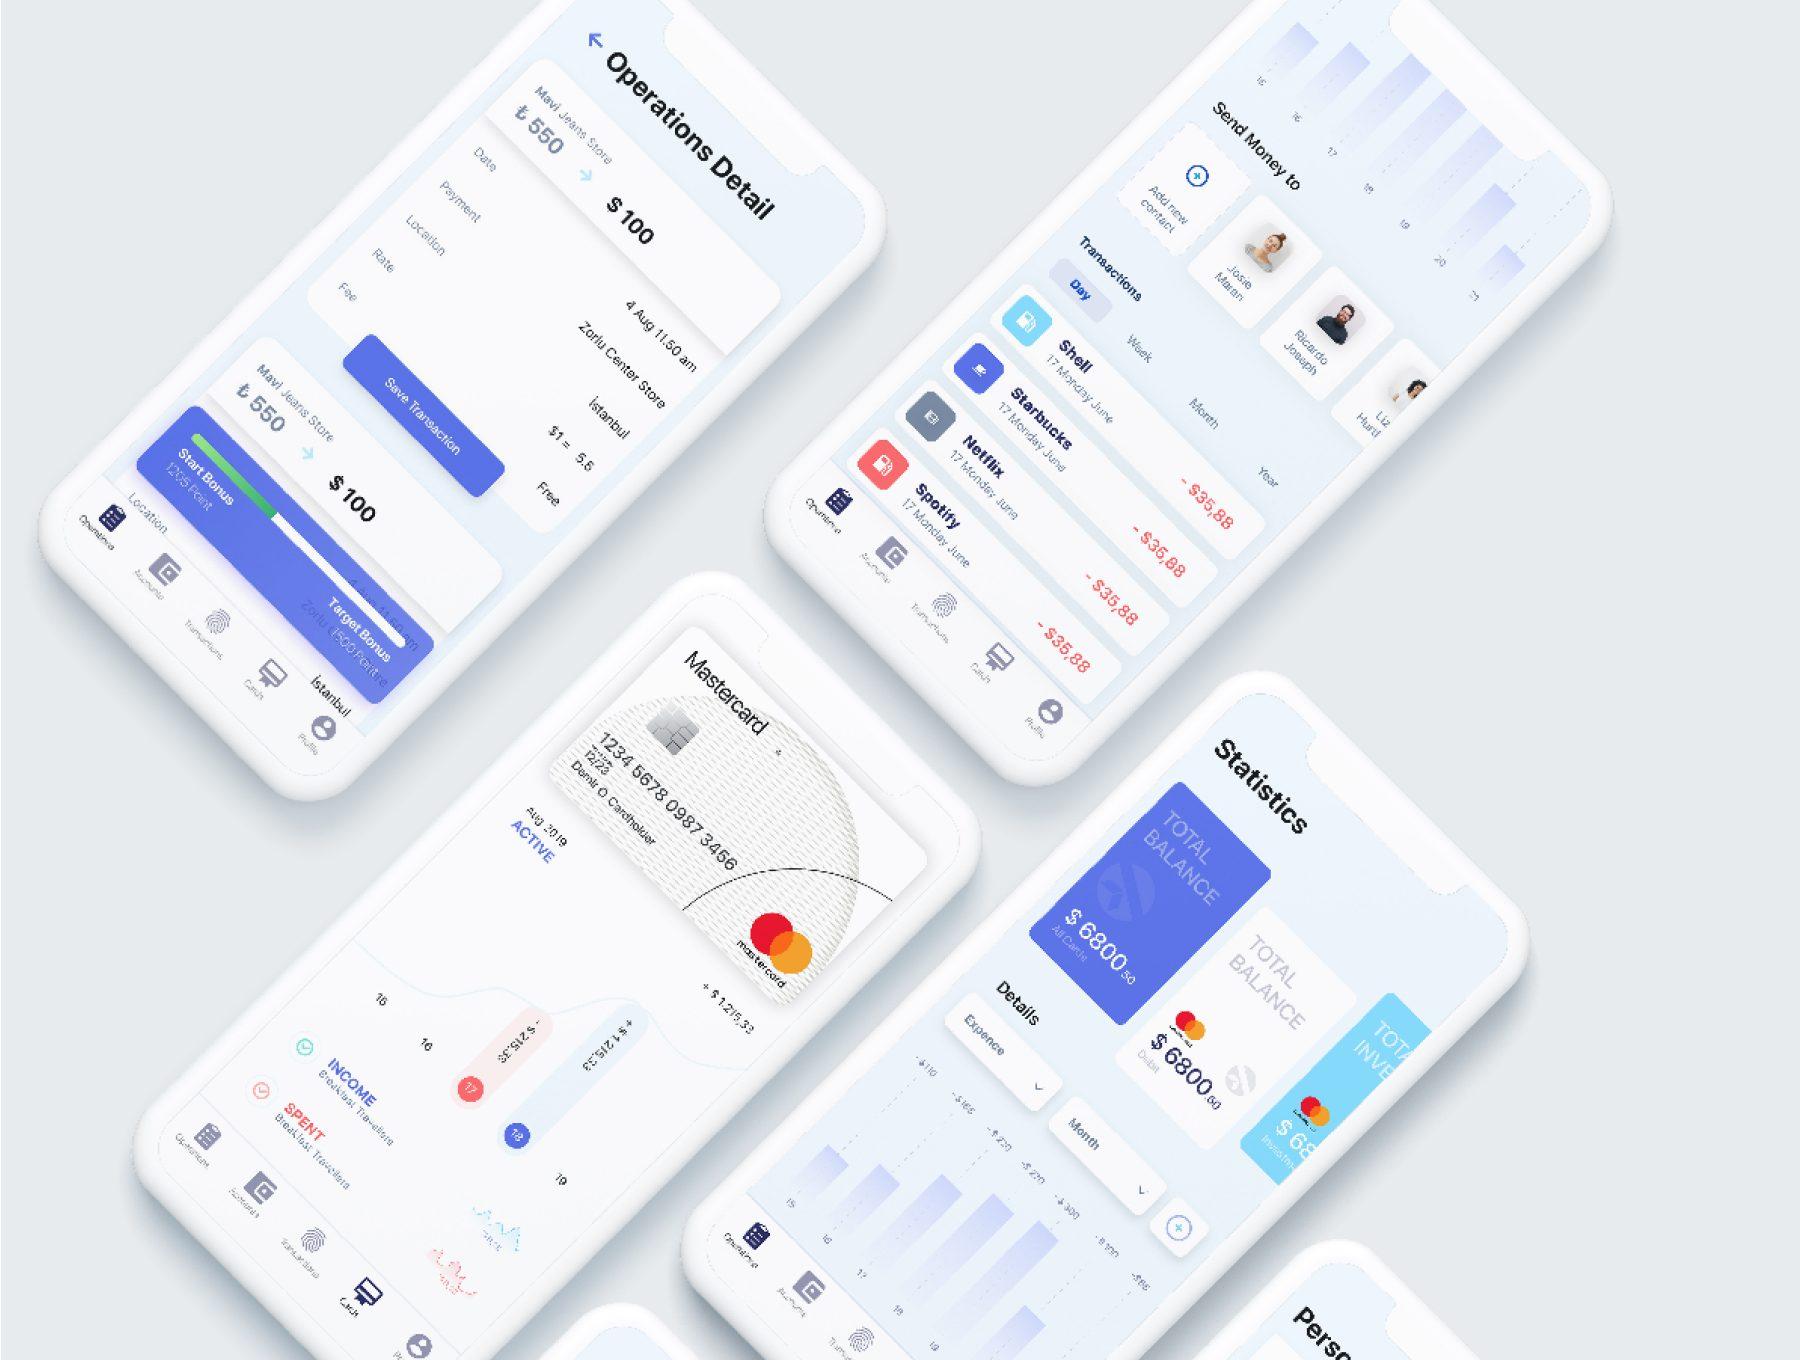 个人钱包理财金融类网银app设计iOS Ui KIT套装下载[Sketch,XD,fig] Liquid Wallet iOS Finance App